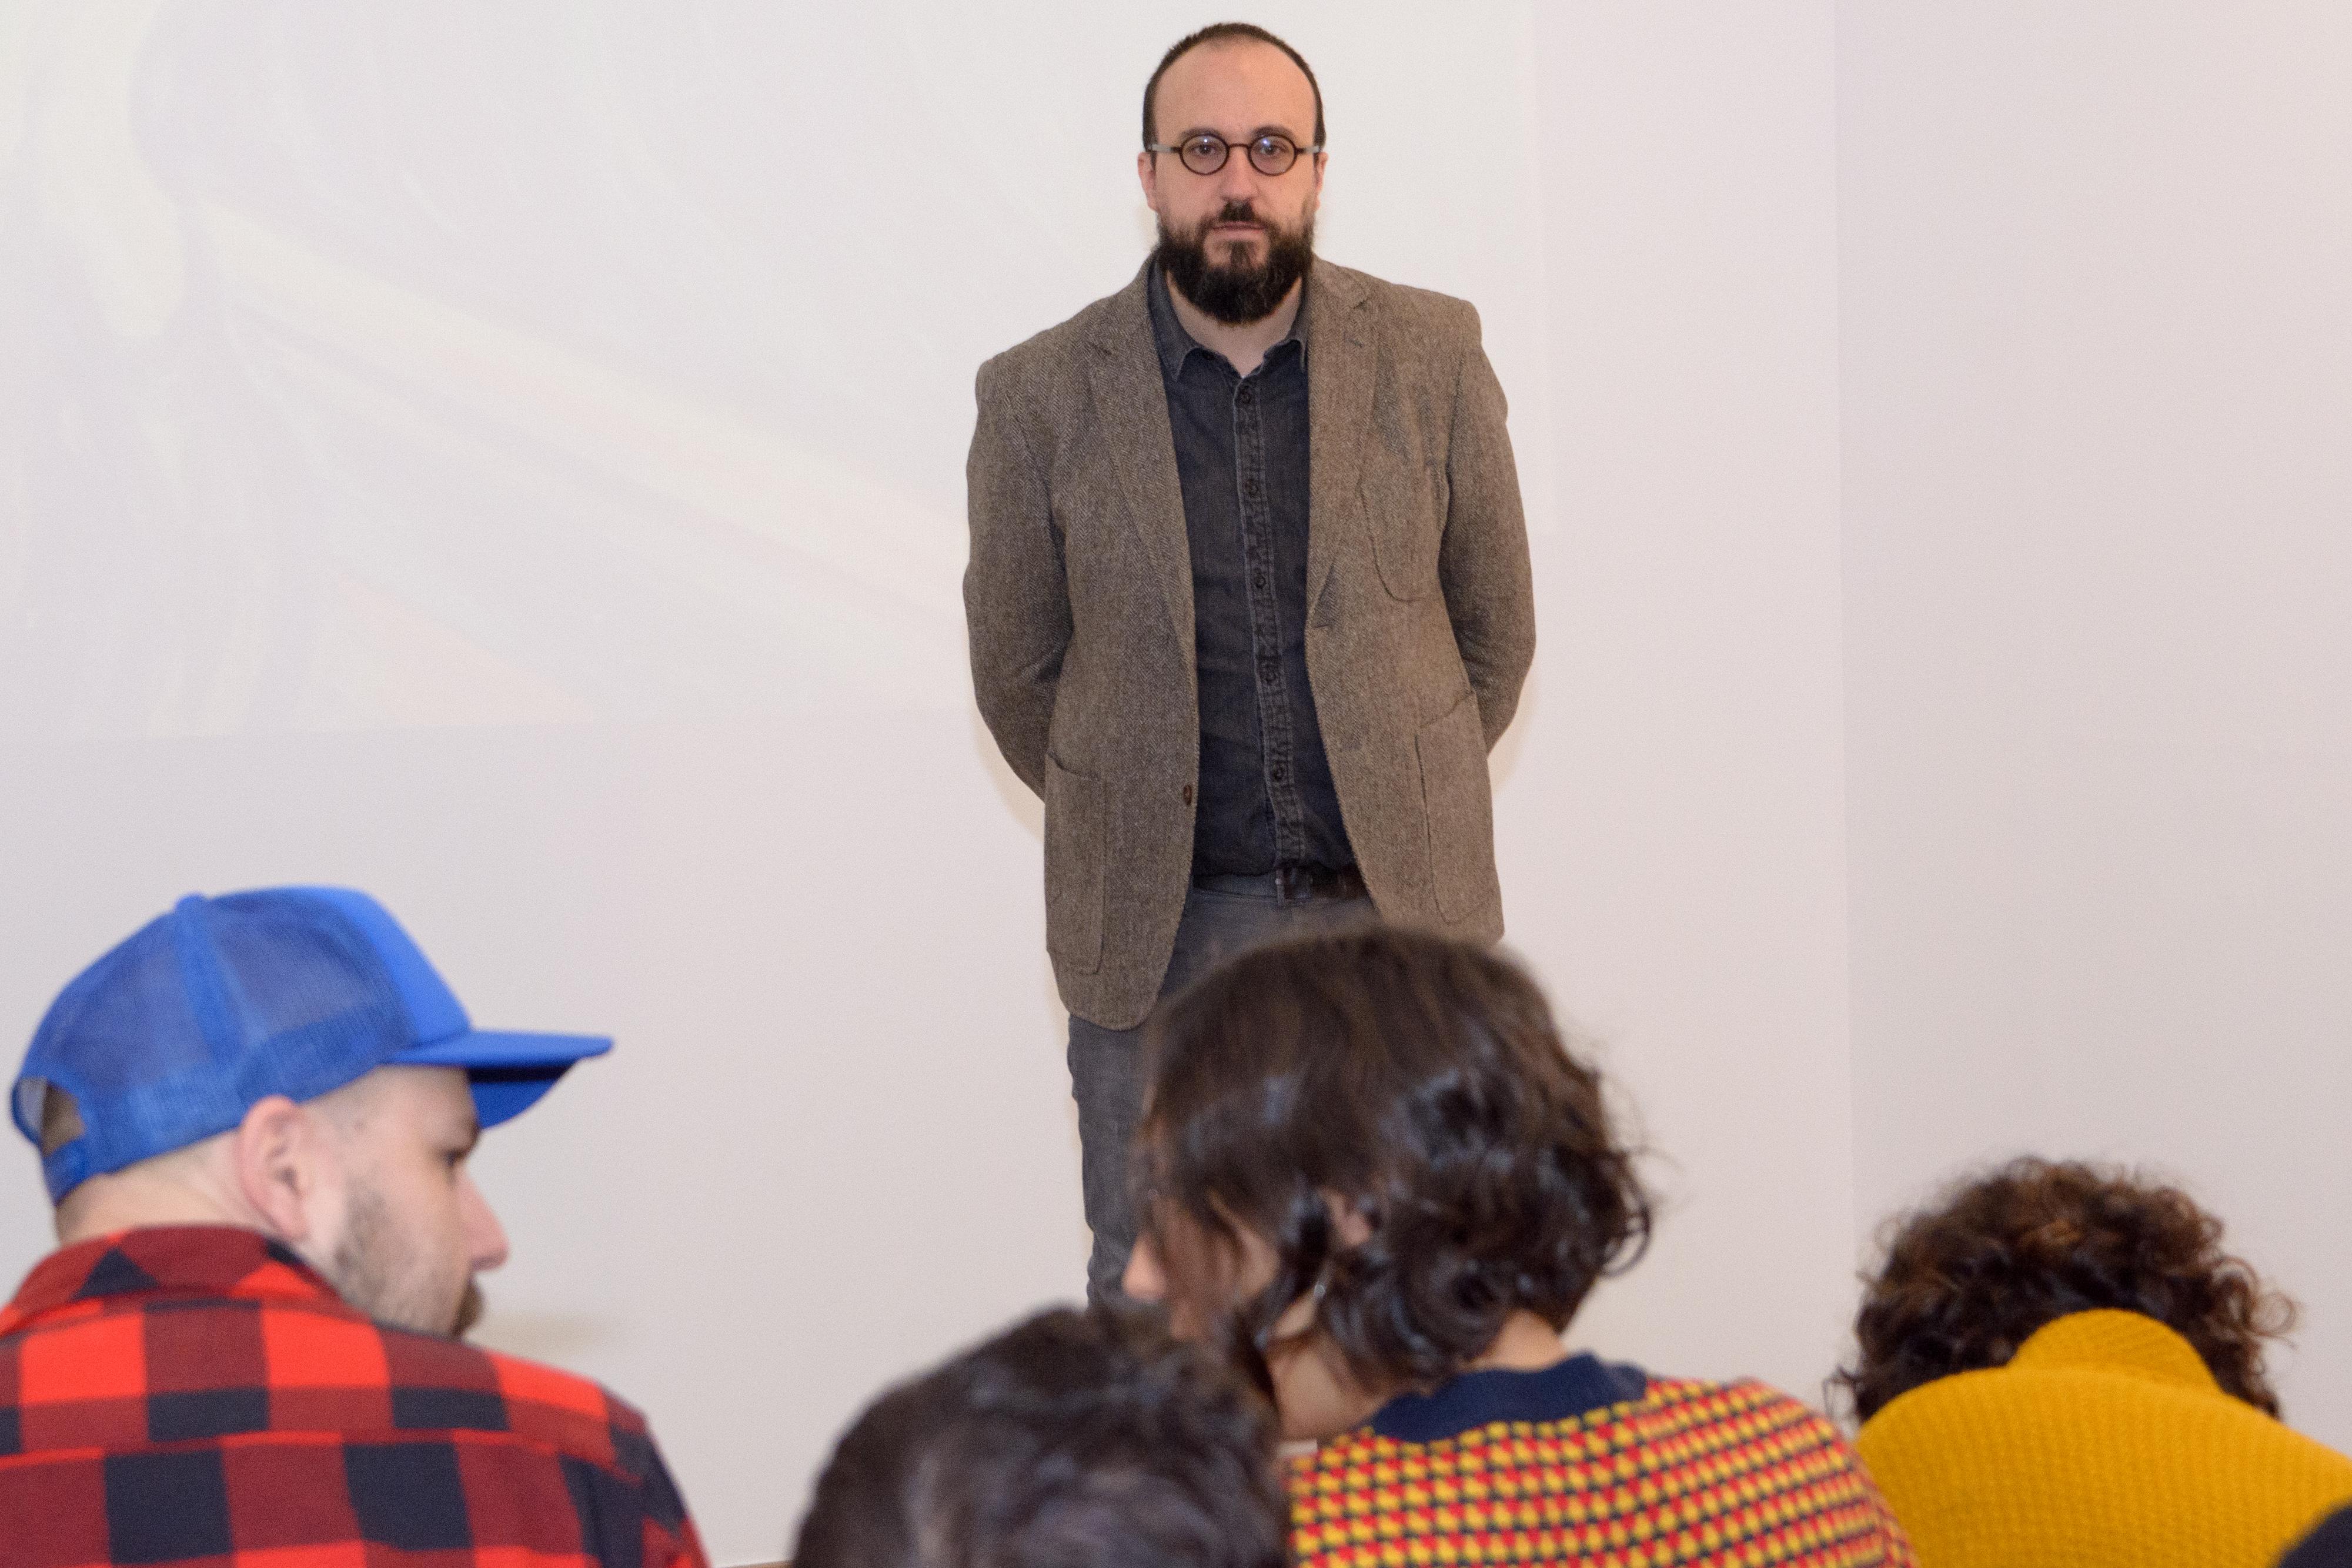 La Universidad de Salamanca se transforma por segundo año consecutivo en el punto de encuentro de la ilustración nacional